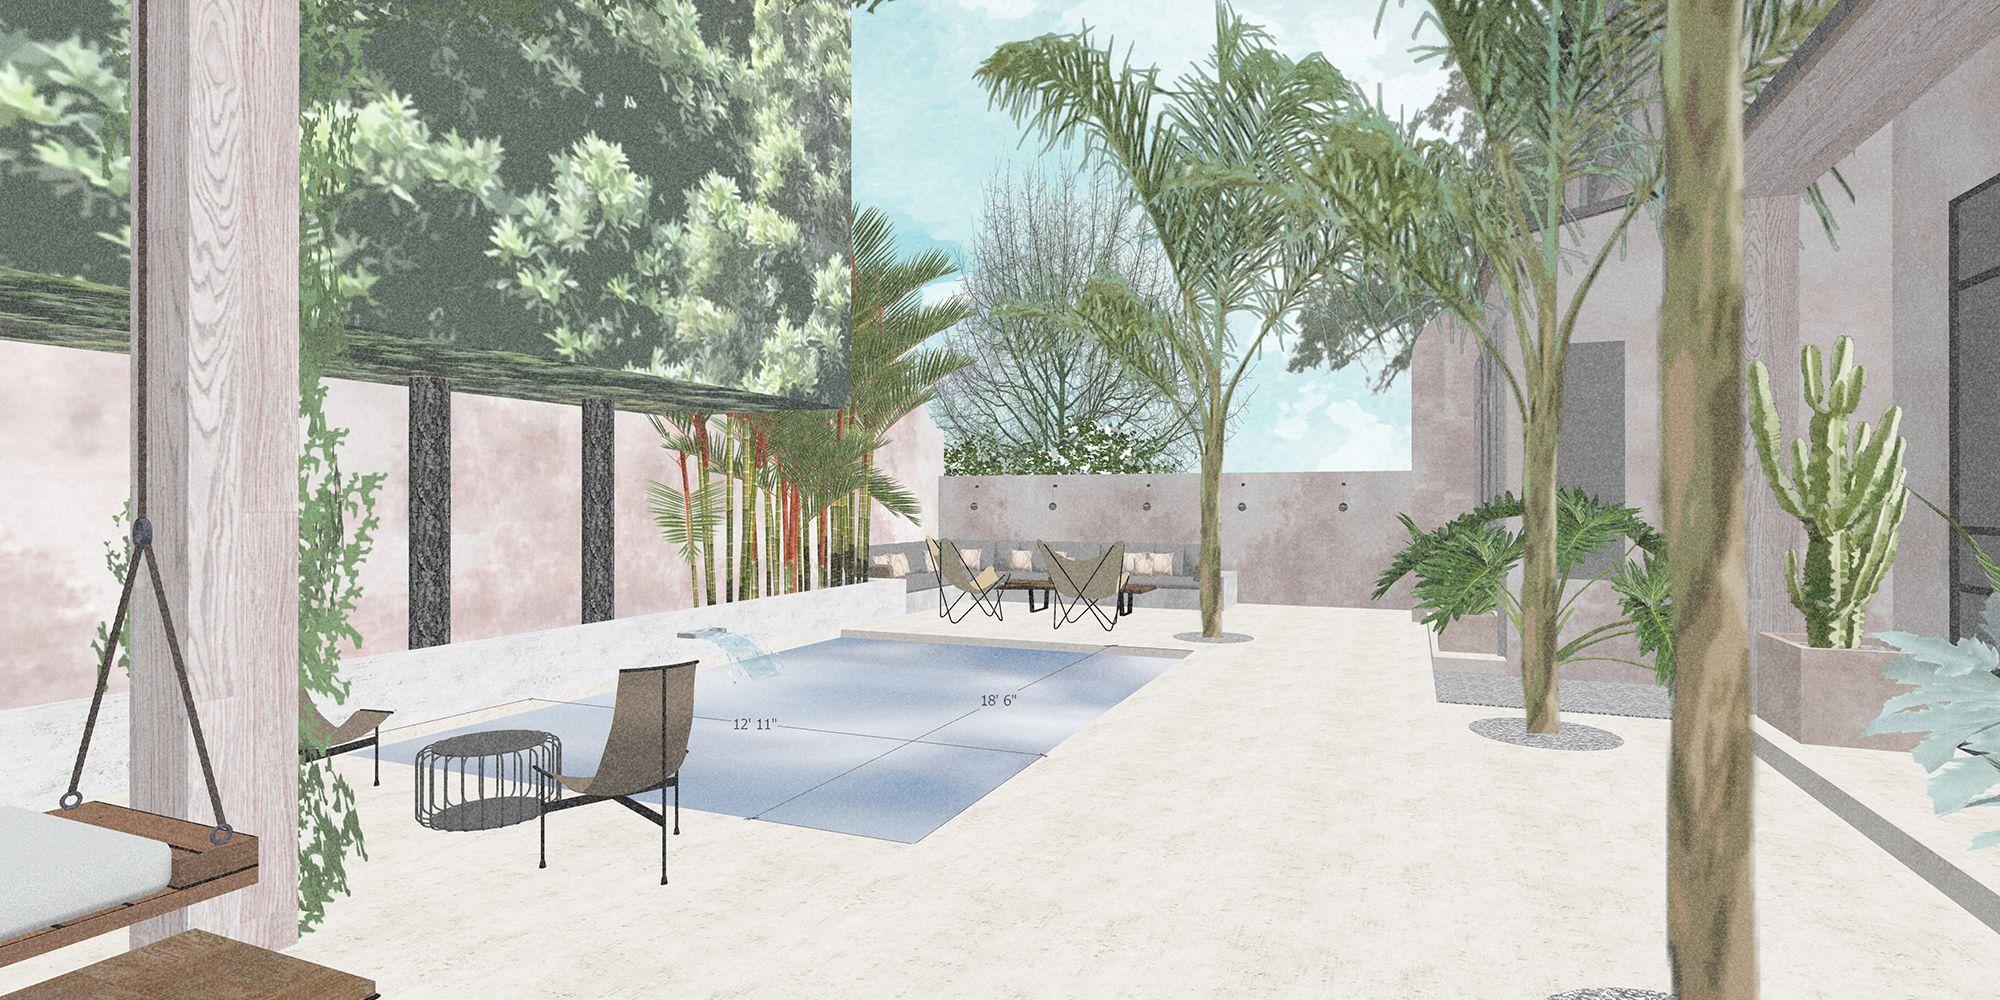 180615 Barnhart Residence-Concept Update S1-3.jpg